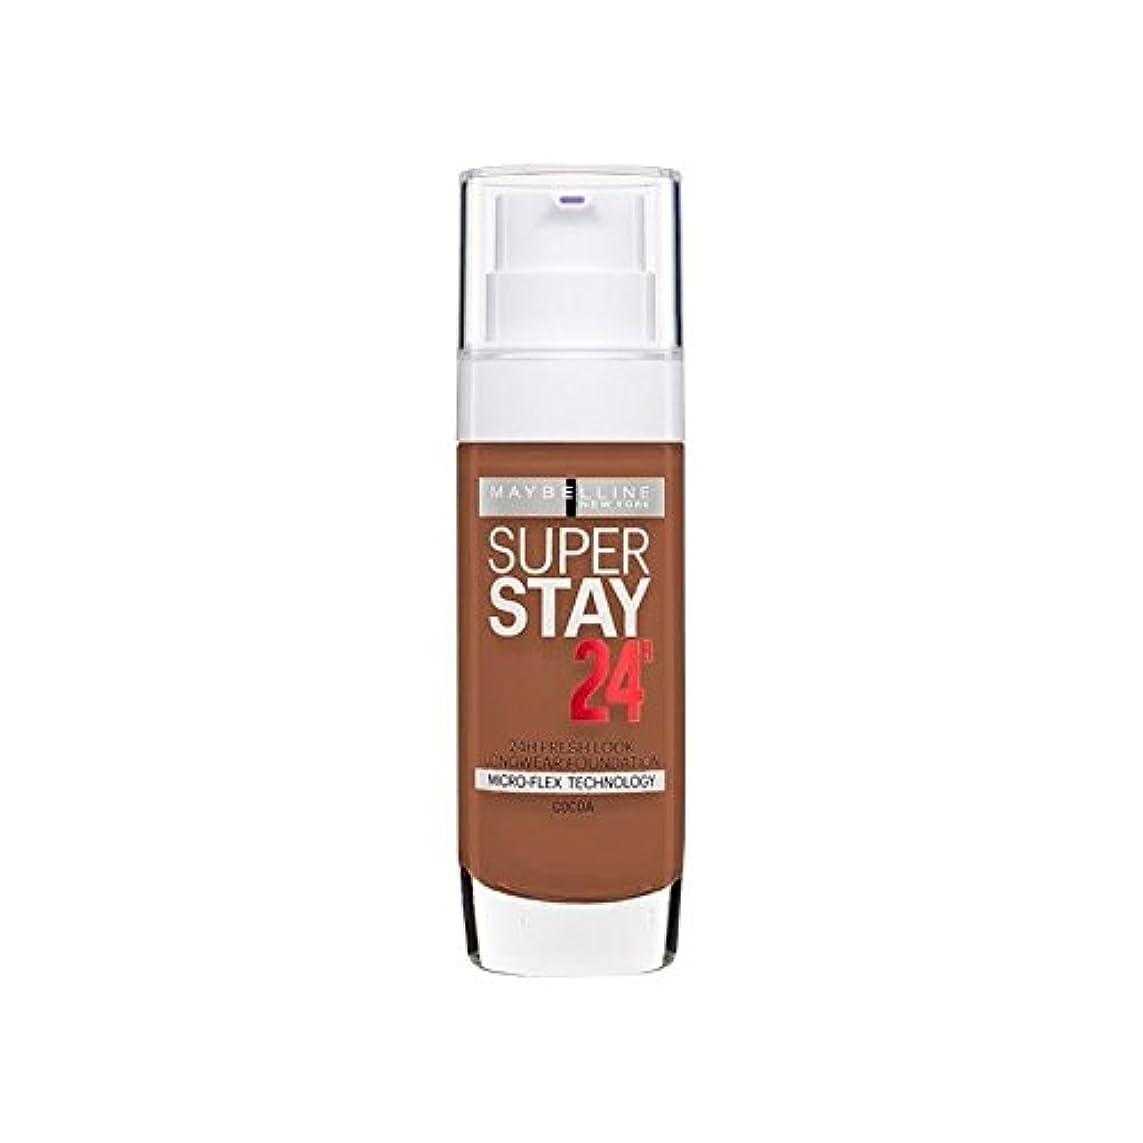 空白すり減る話Maybelline SuperStay 24h Liquid Foundation 70 Cocoa 30ml - メイベリン 24時間リキッドファンデーション70ココア30ミリリットル [並行輸入品]